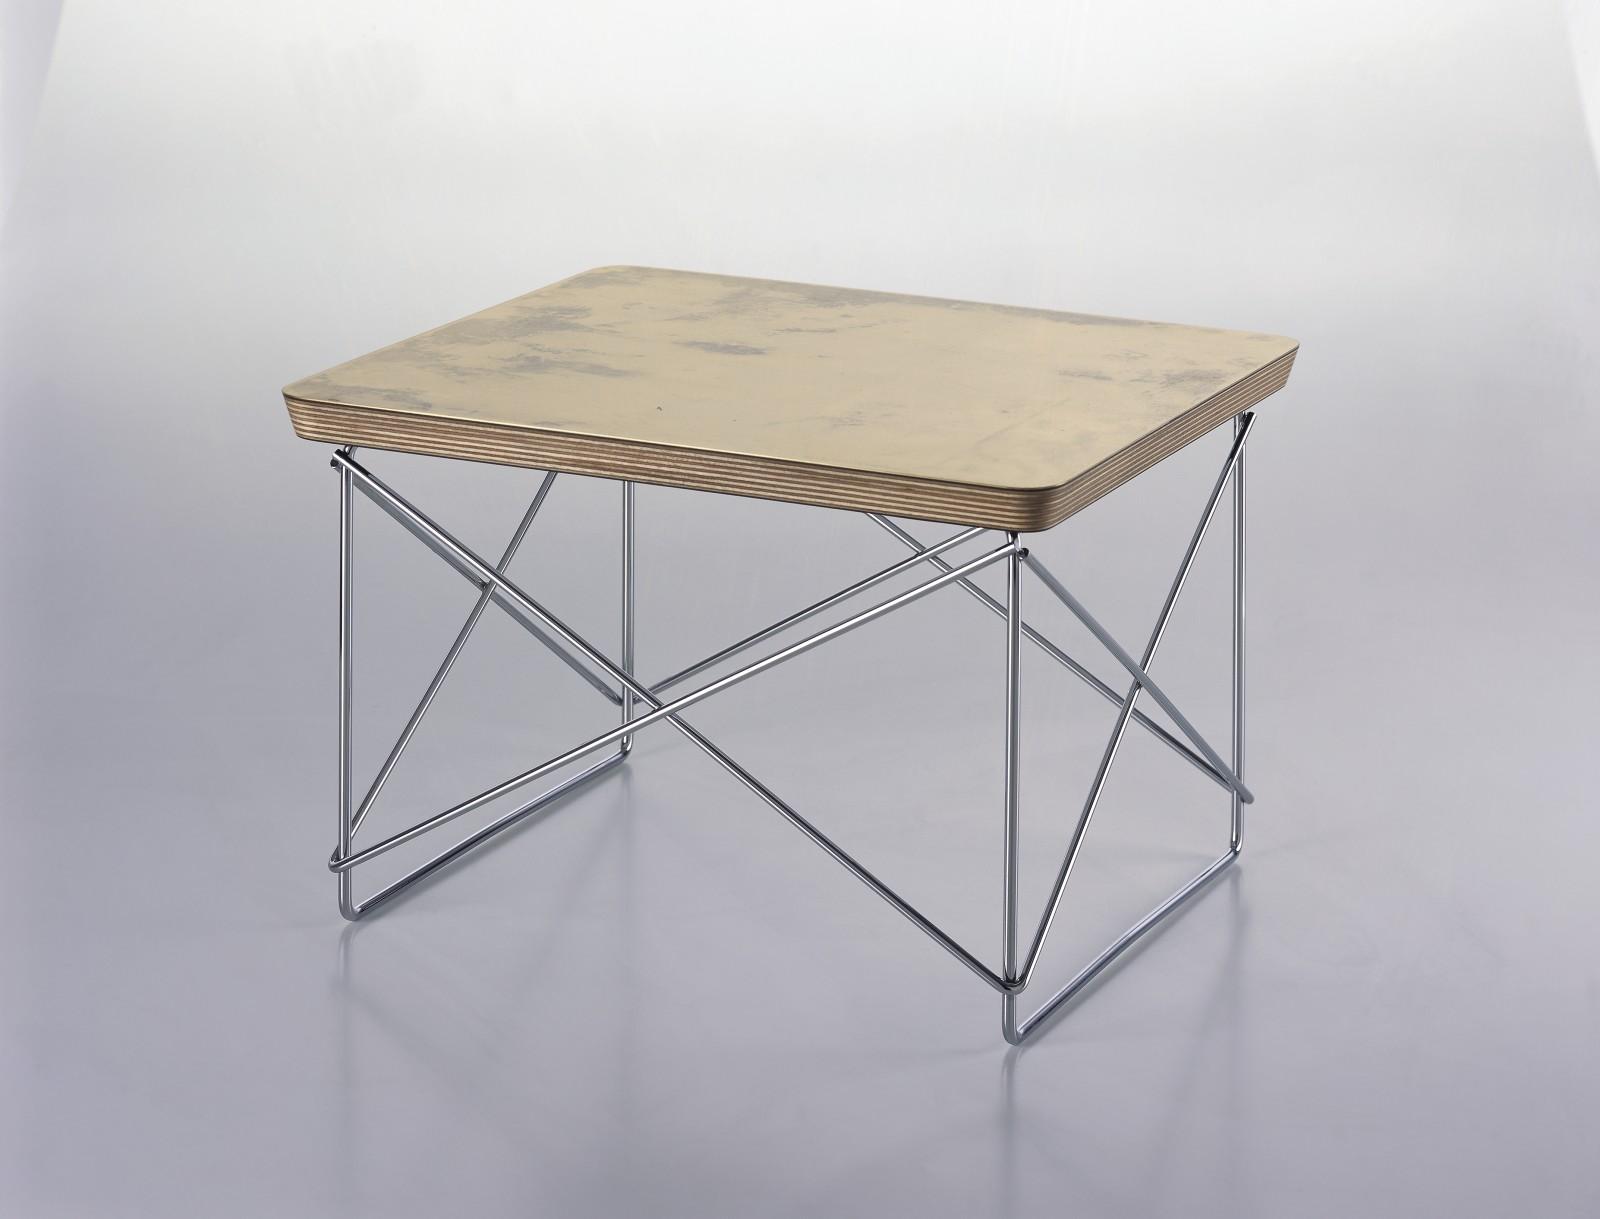 Occasional Table Ltr Gold Leaf Top Chromed Base 39525 Port